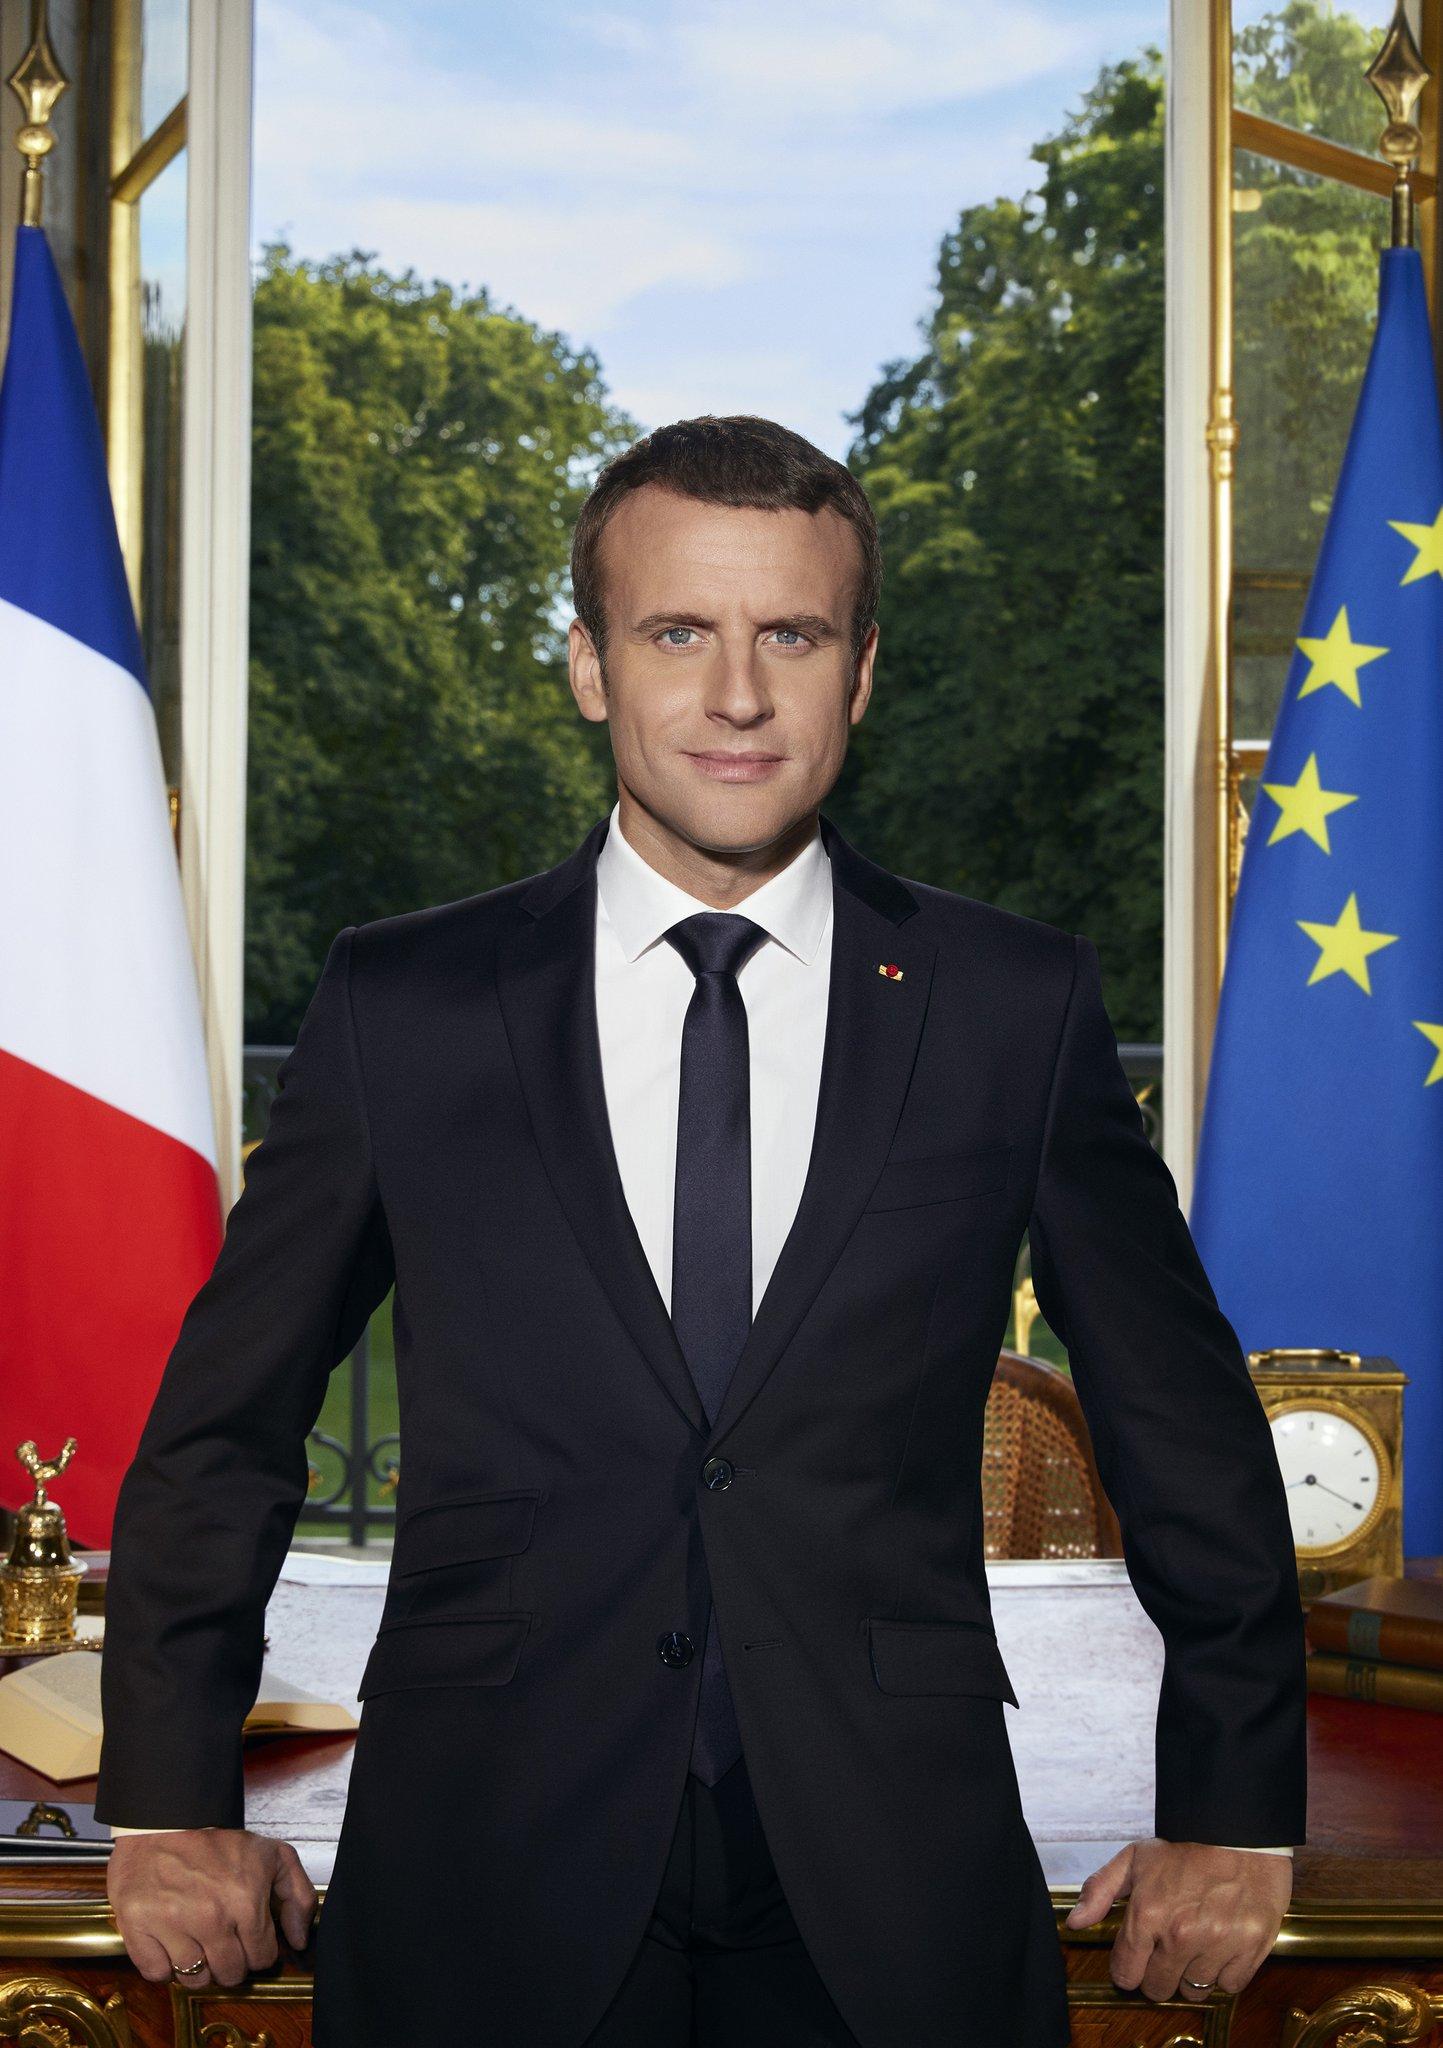 Photo officielle d'Emmanuel Macron, président de la République